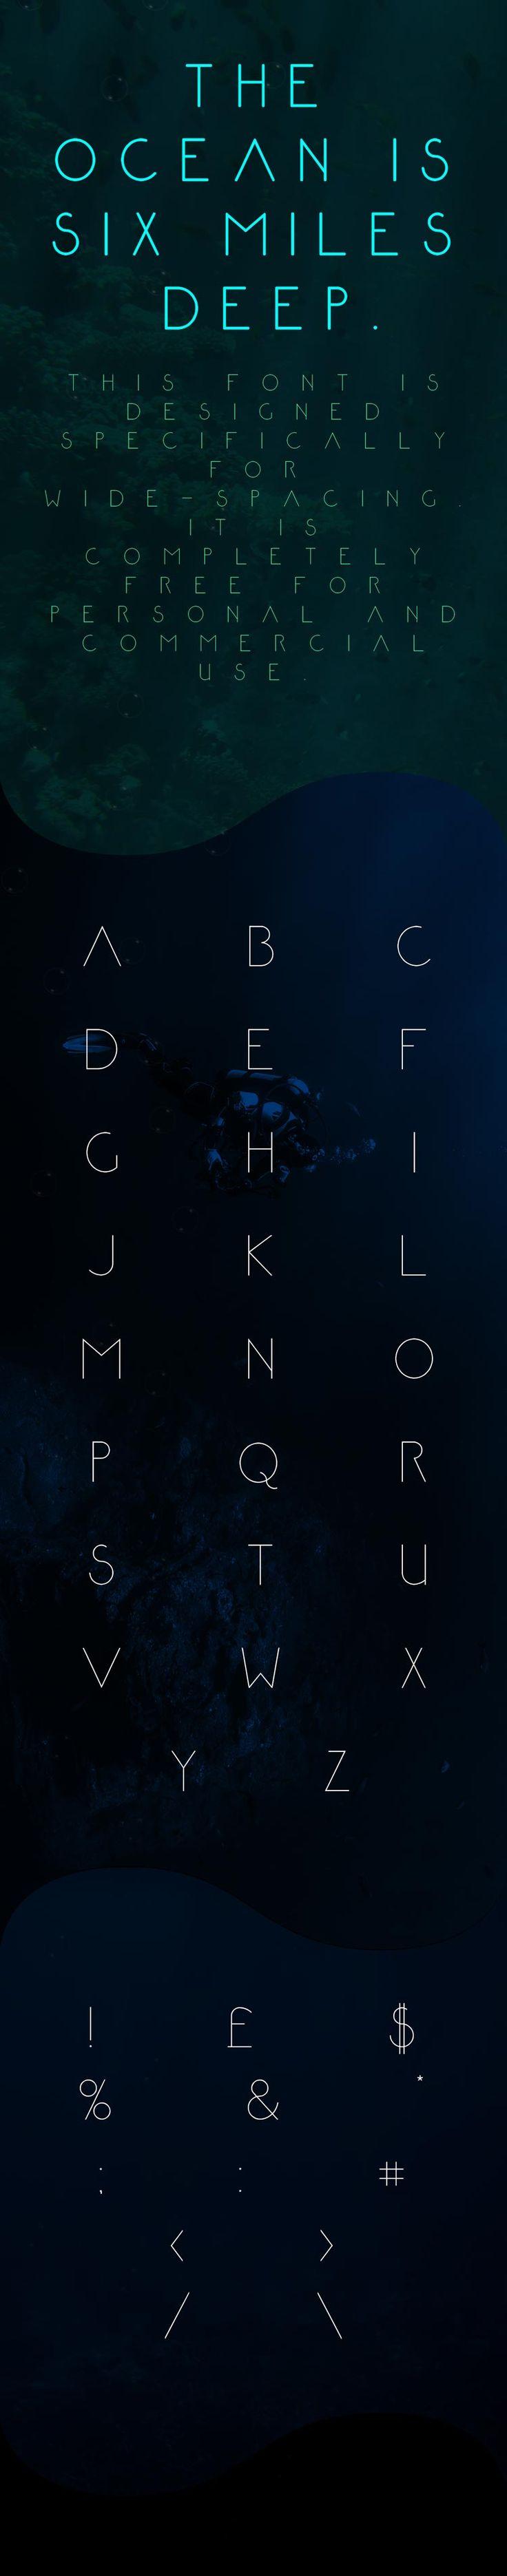 Ma chasse aux belles typographies continue et j'ai sélectionné pour vous une fois de plus une belle typo gratuite que vous allez pouvoir utiliser pour un usage personnel et commercial. Il s'agit de la typo Abyssopelagic, une typo uniquement en uppercase conçue par le designer anglais Mark White. Télécharger cette typographie gratuite